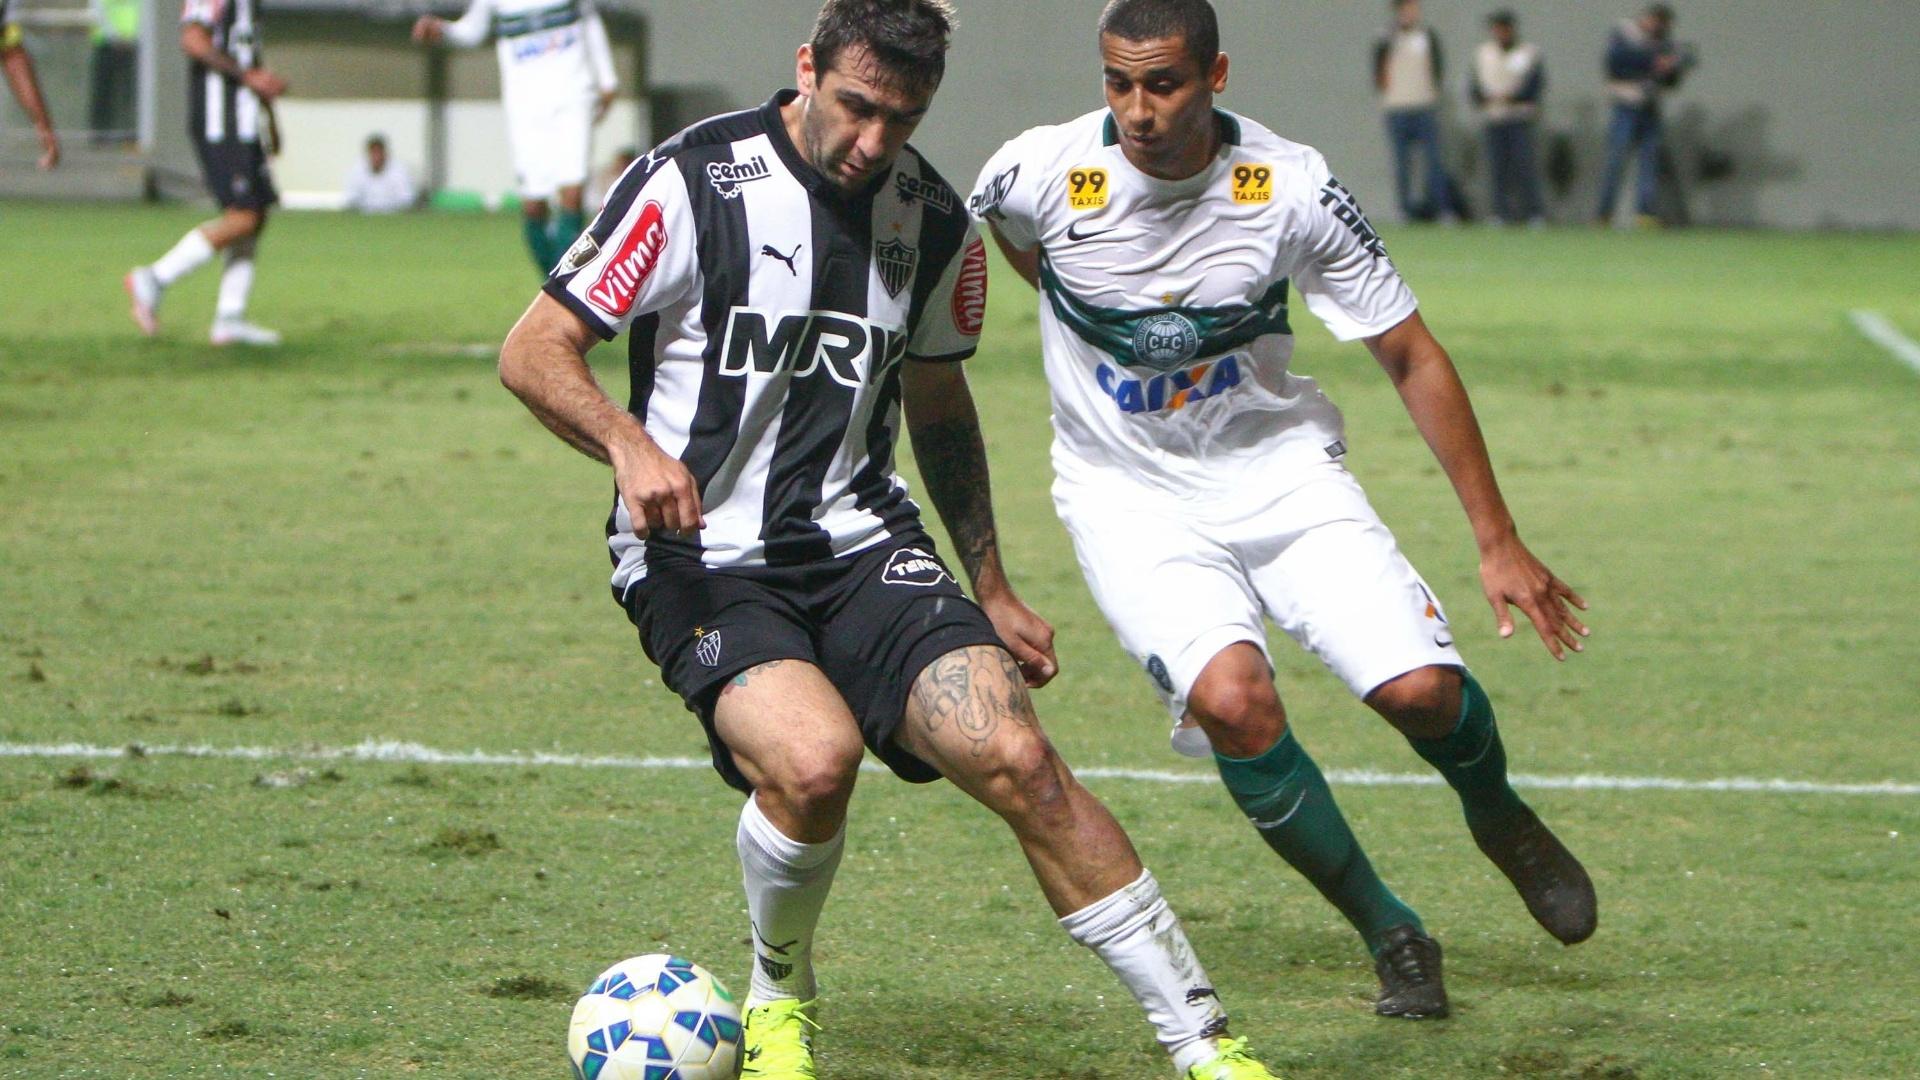 Lucas Pratto tenta encarar a marcação do Coritiba no jogo do Atlético-MG